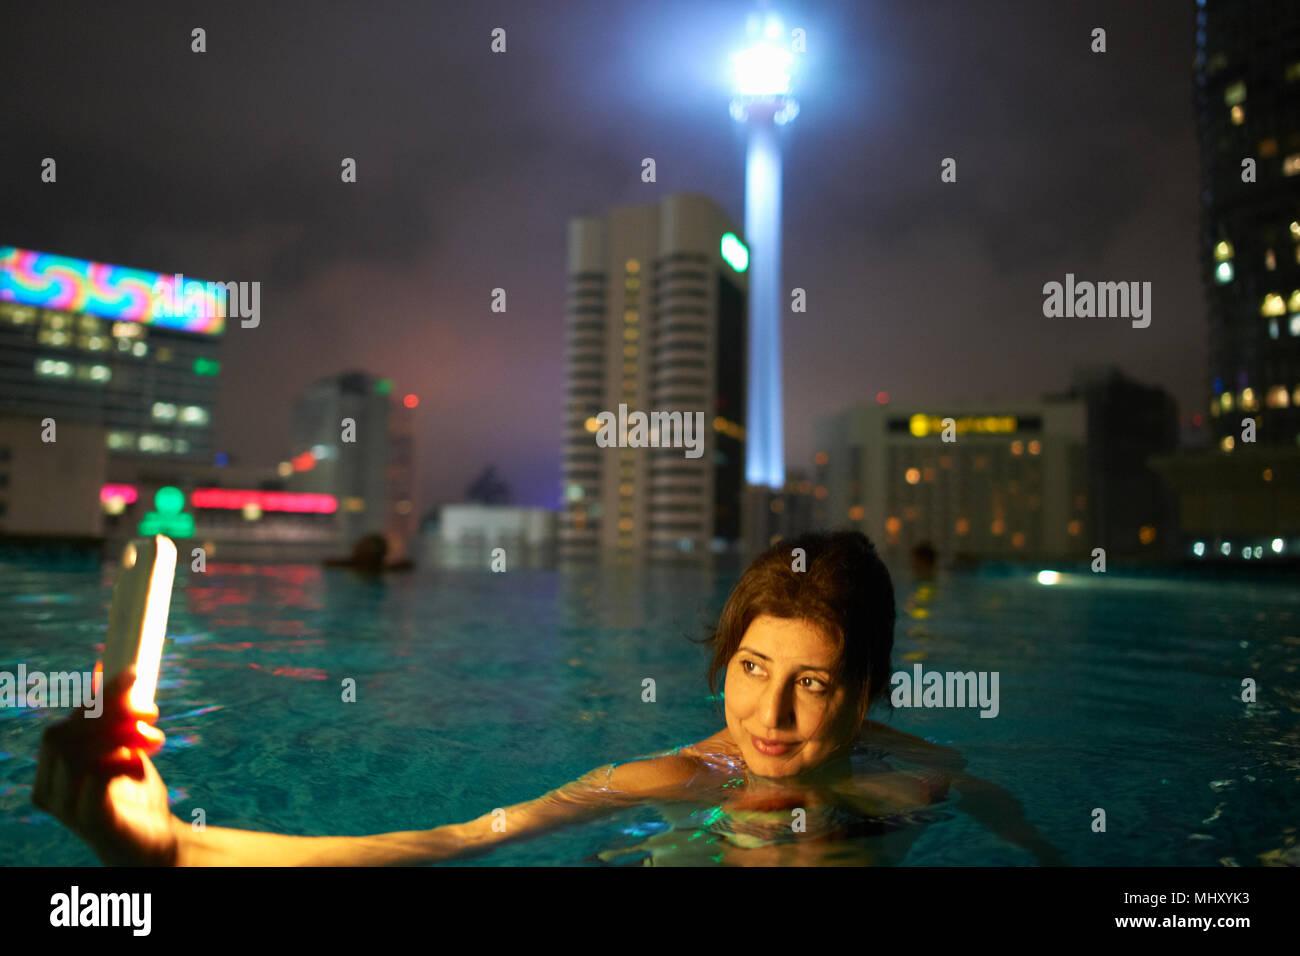 Turistica prendendo selfie nella piscina sul tetto, KL Tower in background, Kuala Lumpur, Malesia Immagini Stock